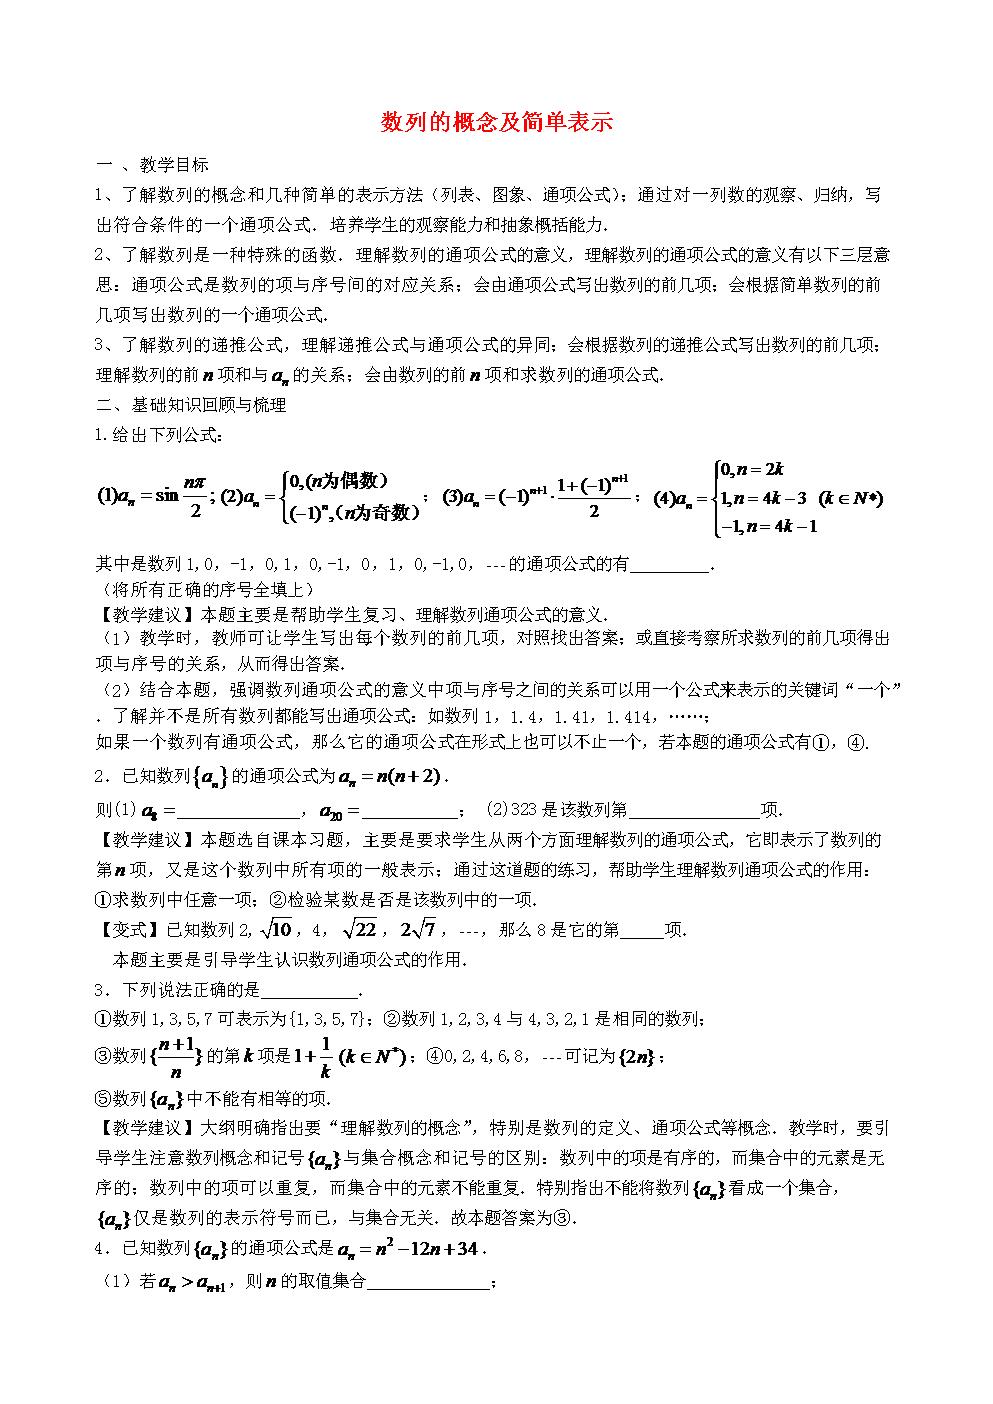 高考数学一轮复习第九章数列第60课数列的概念及简单表示教案.doc图片